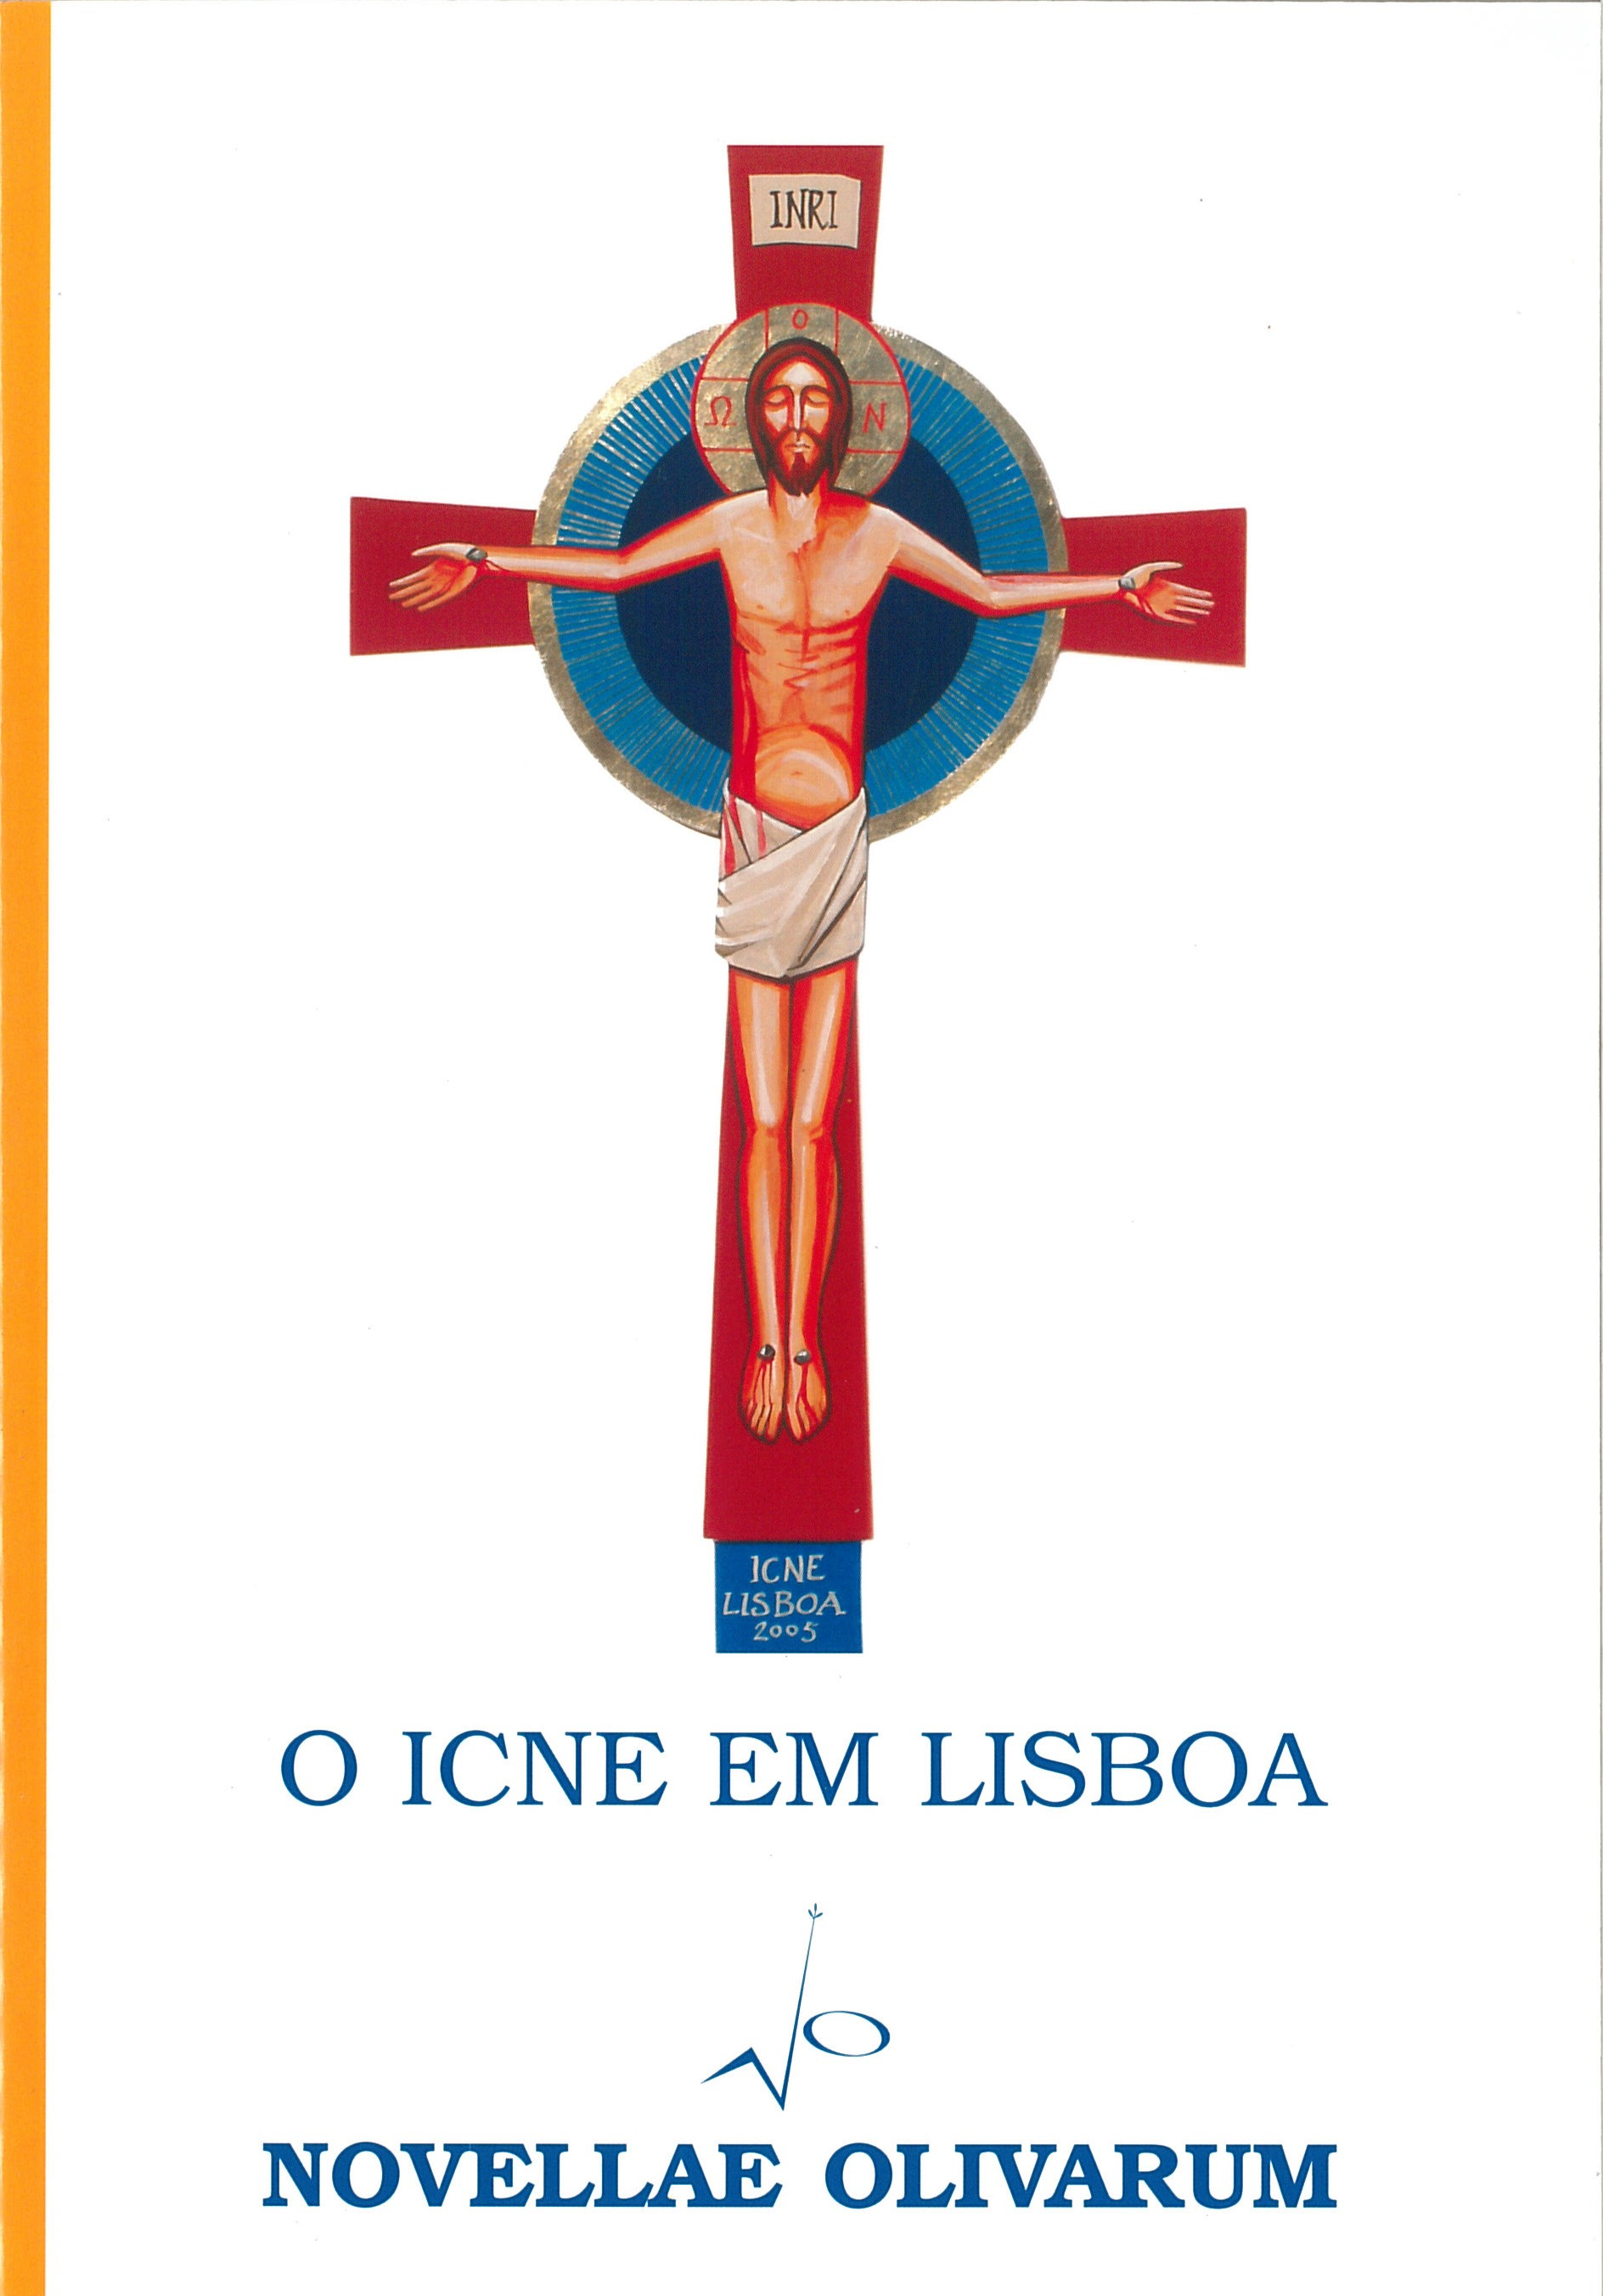 Revista Novellae Olivarum, nº 32 - Janeiro de 2006 (capa)